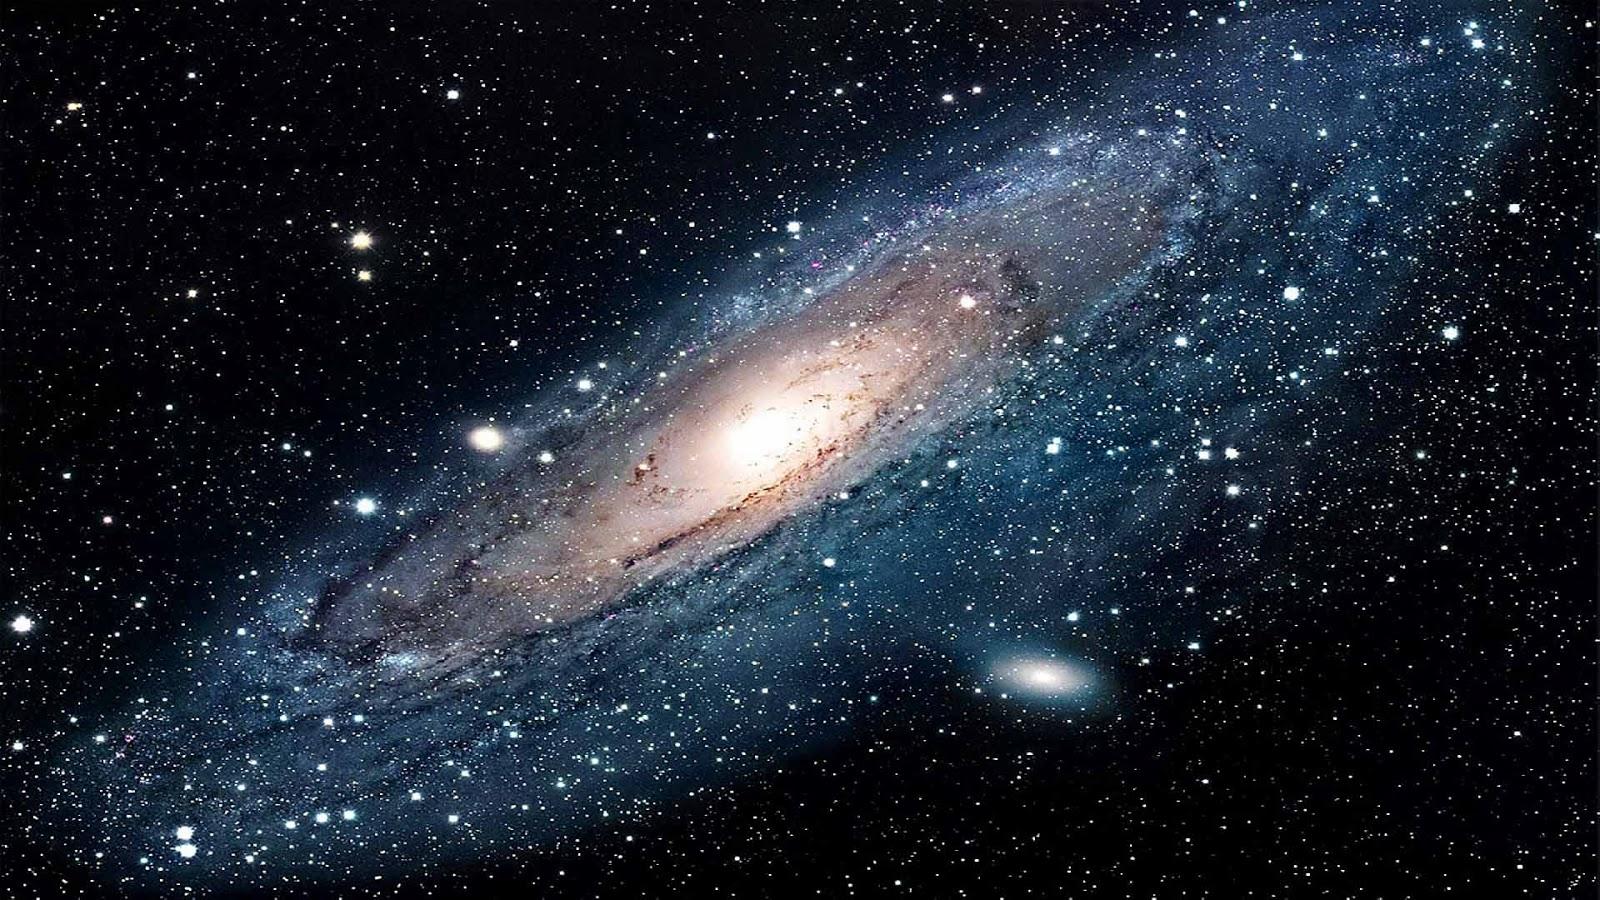 Milky Way Wallpaper Wallpapersafari